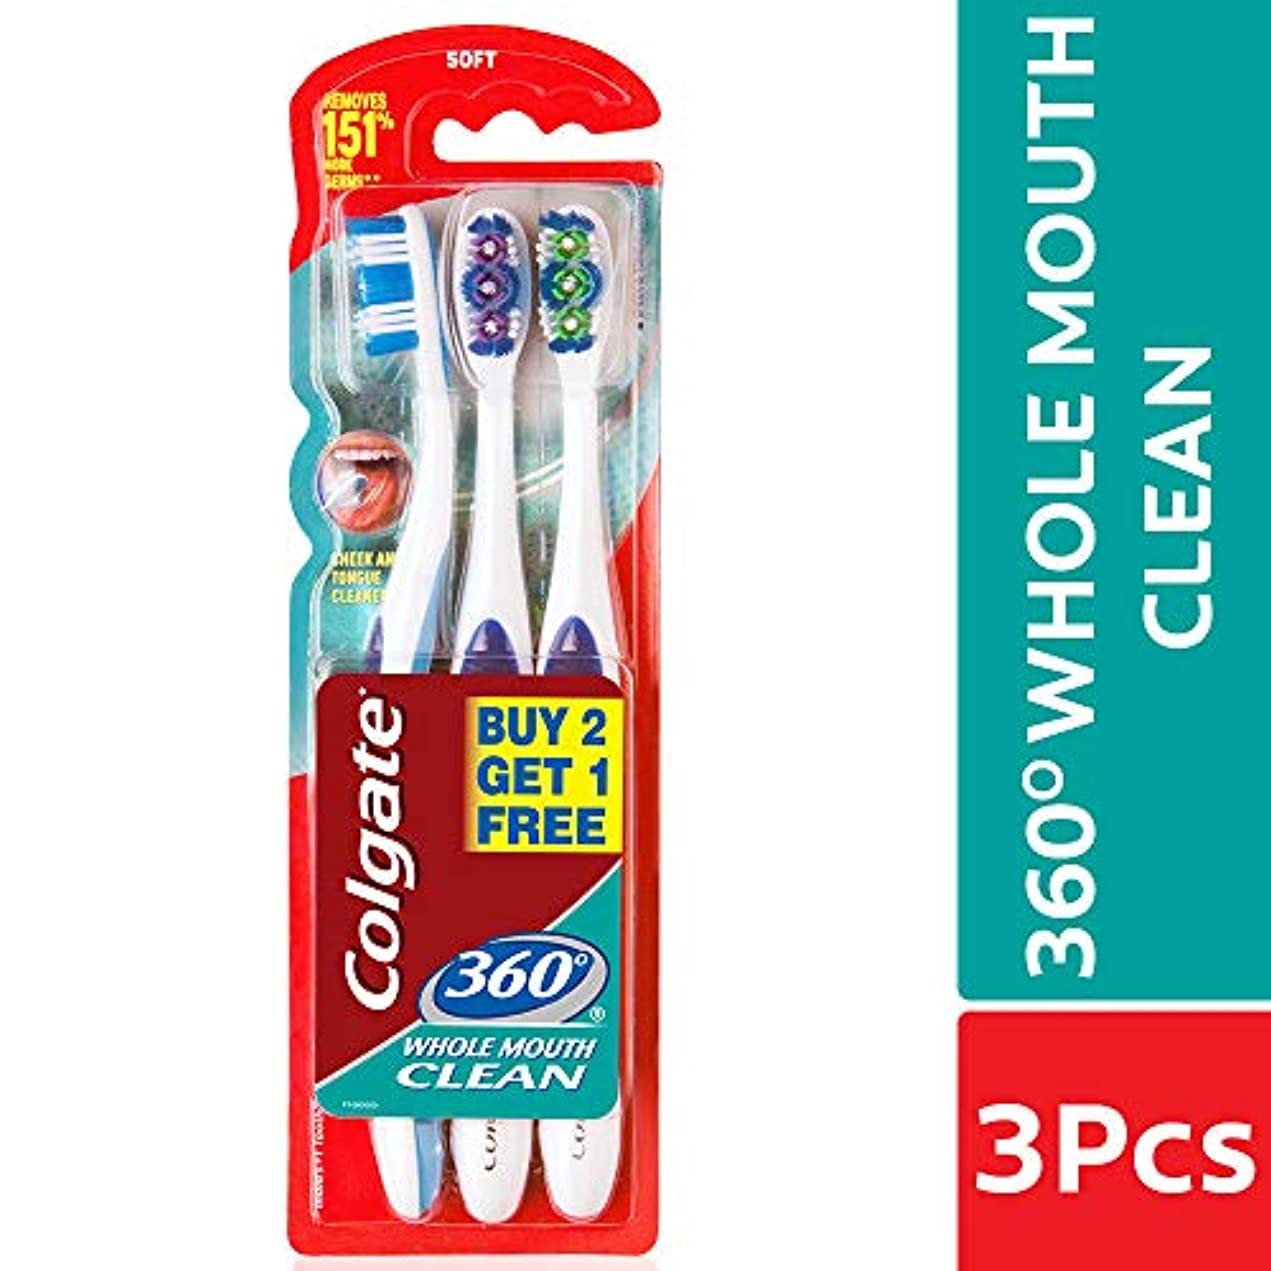 優れましたパイプシャンプーColgate 360 whole mouth clean (MEDIUM) toothbrush (3pc pack)